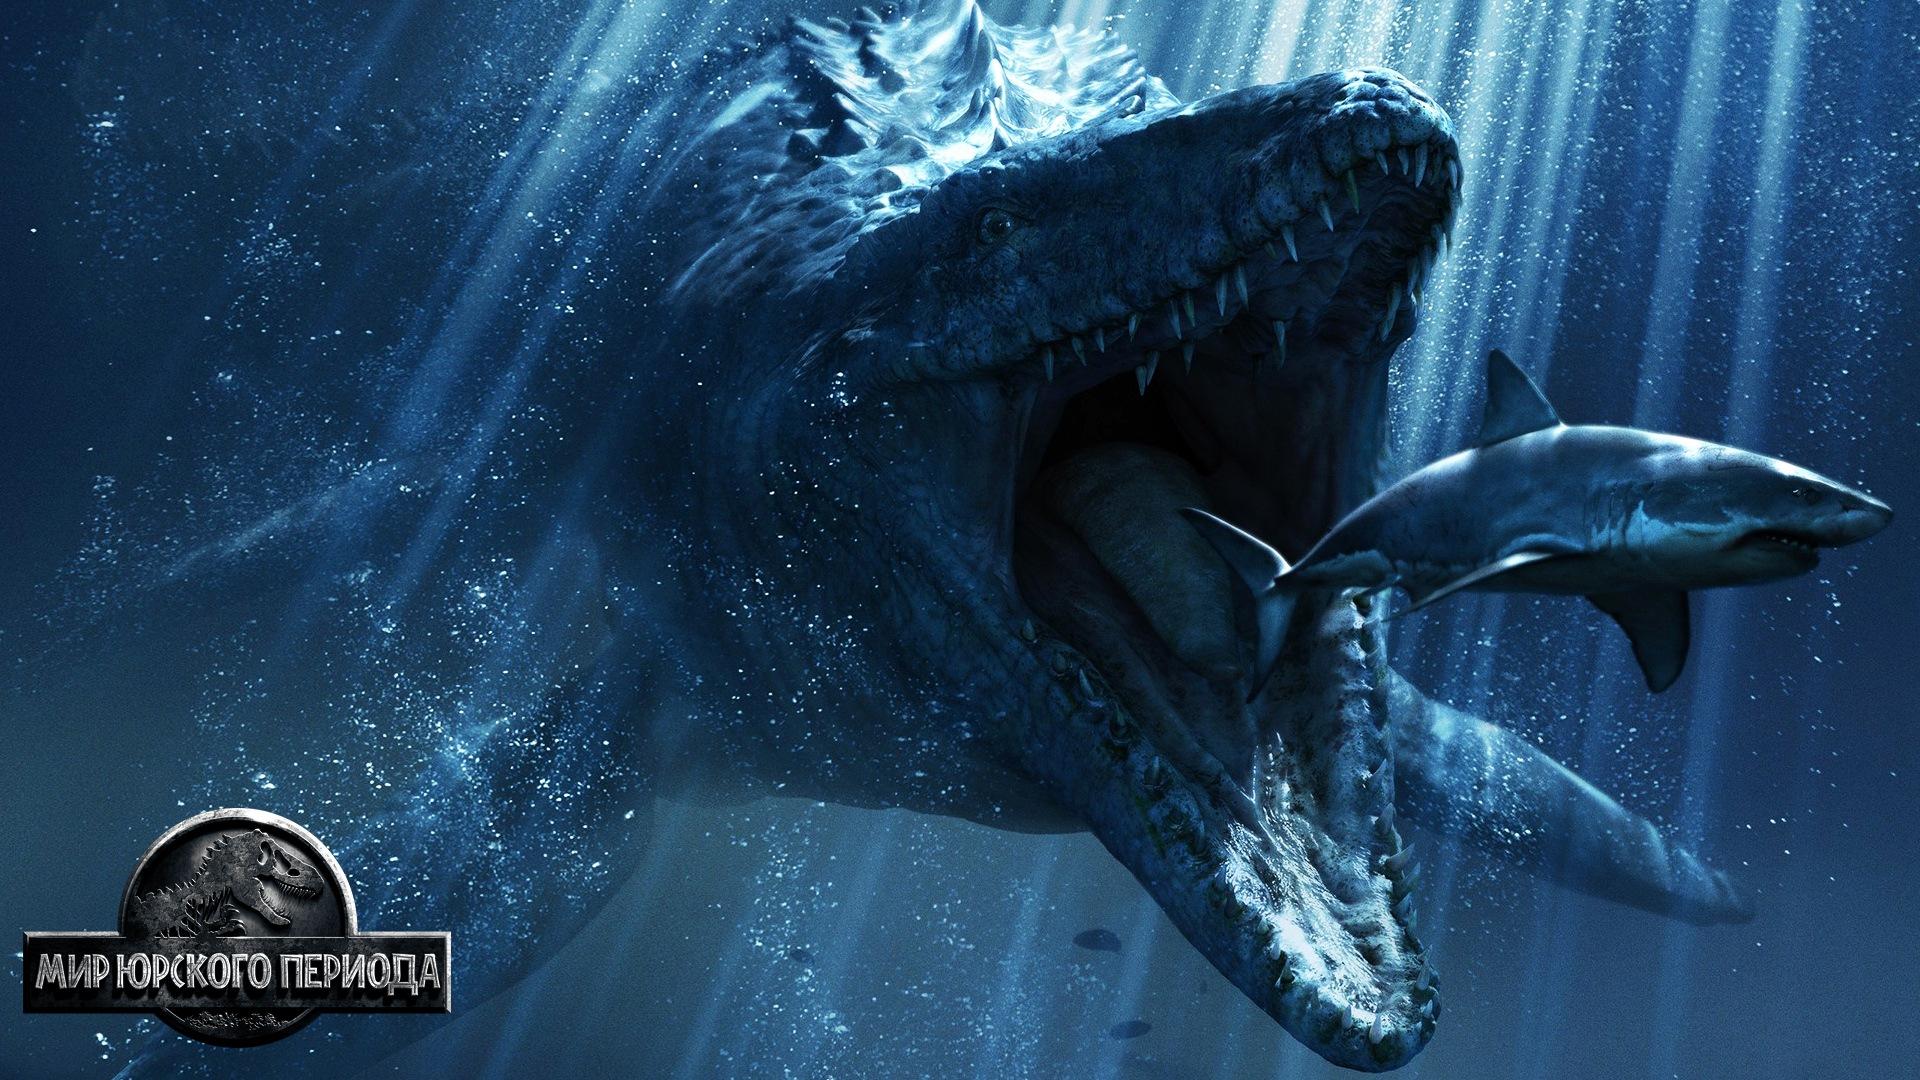 В тизере фильма «Мир юрского периода 2» показали дружбу между человеком и динозавром